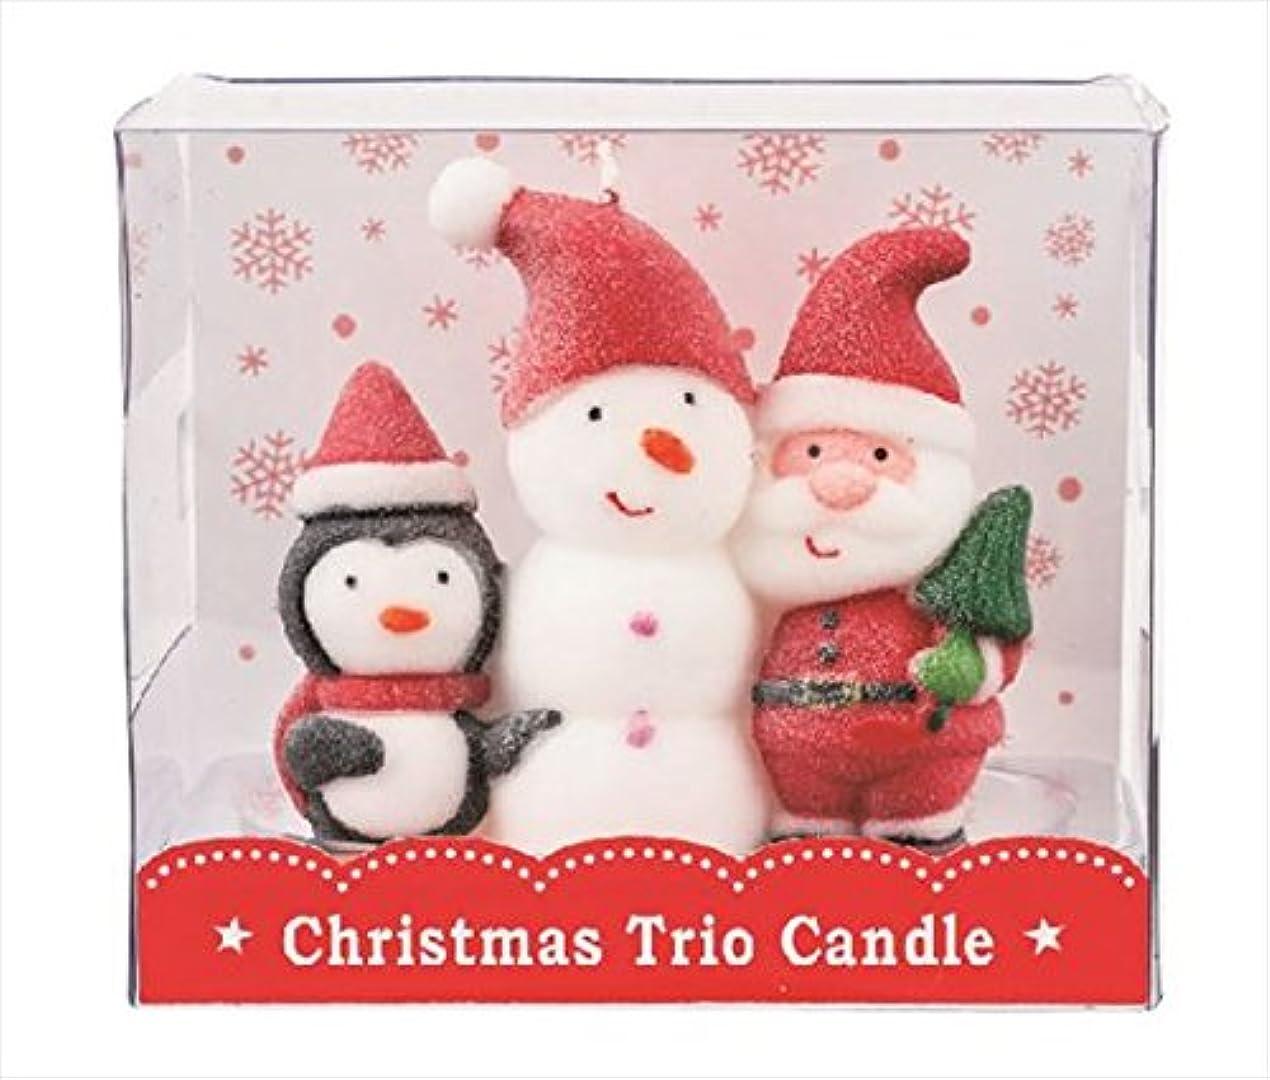 ジェムスワップ書誌カメヤマキャンドル(kameyama candle) クリスマストリオキャンドル 「 スノーマン 」